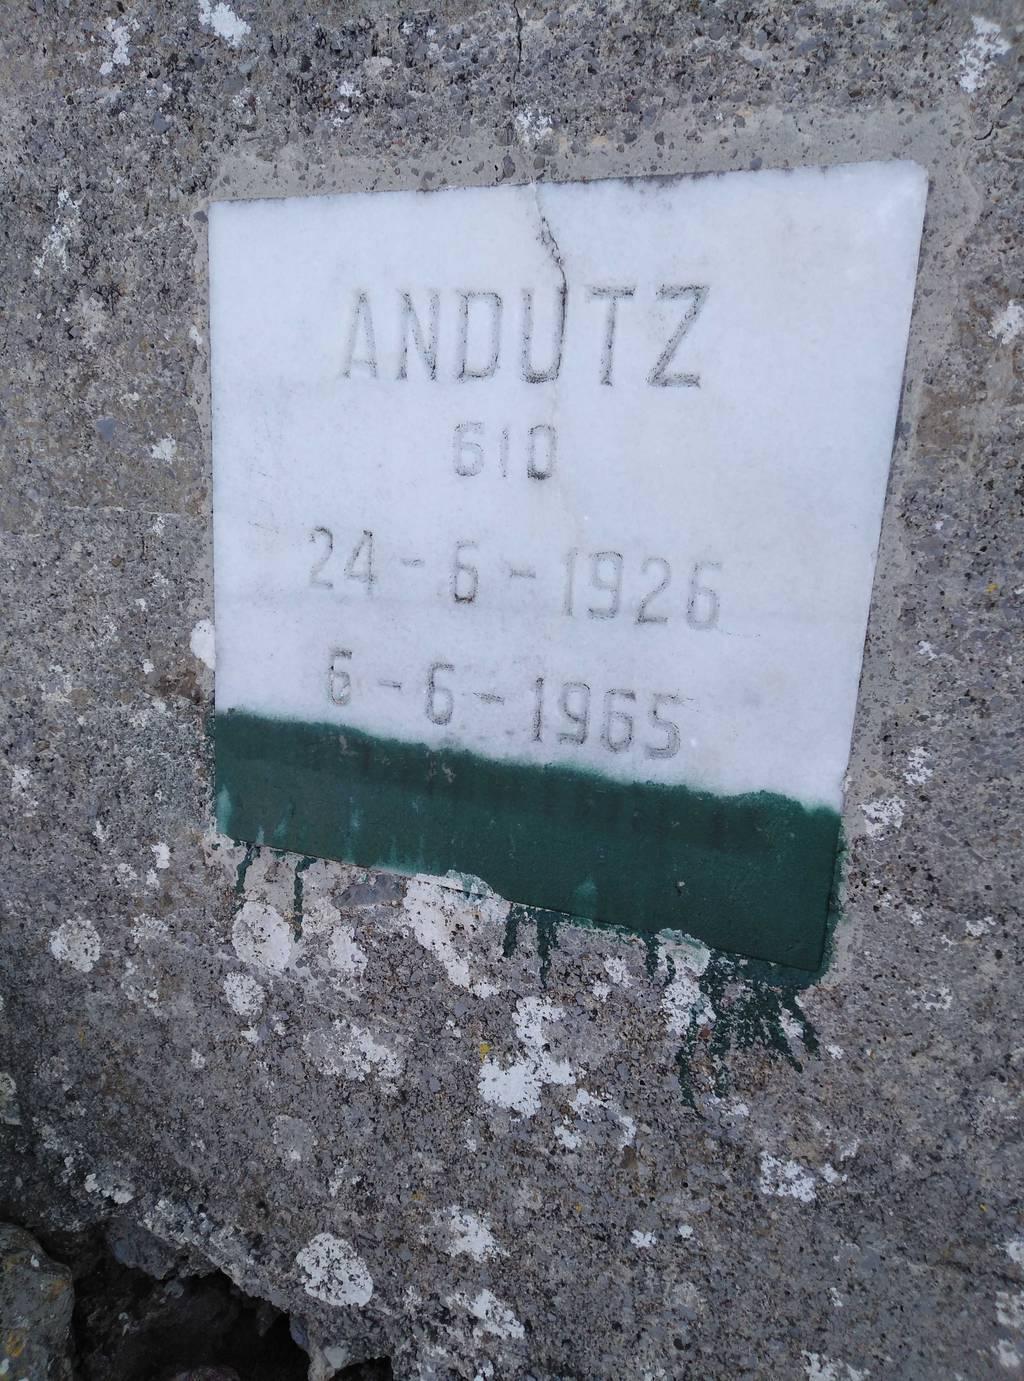 Josu Azpillaga erabiltzailea Andutz puntan, 2020-12-20 12:48